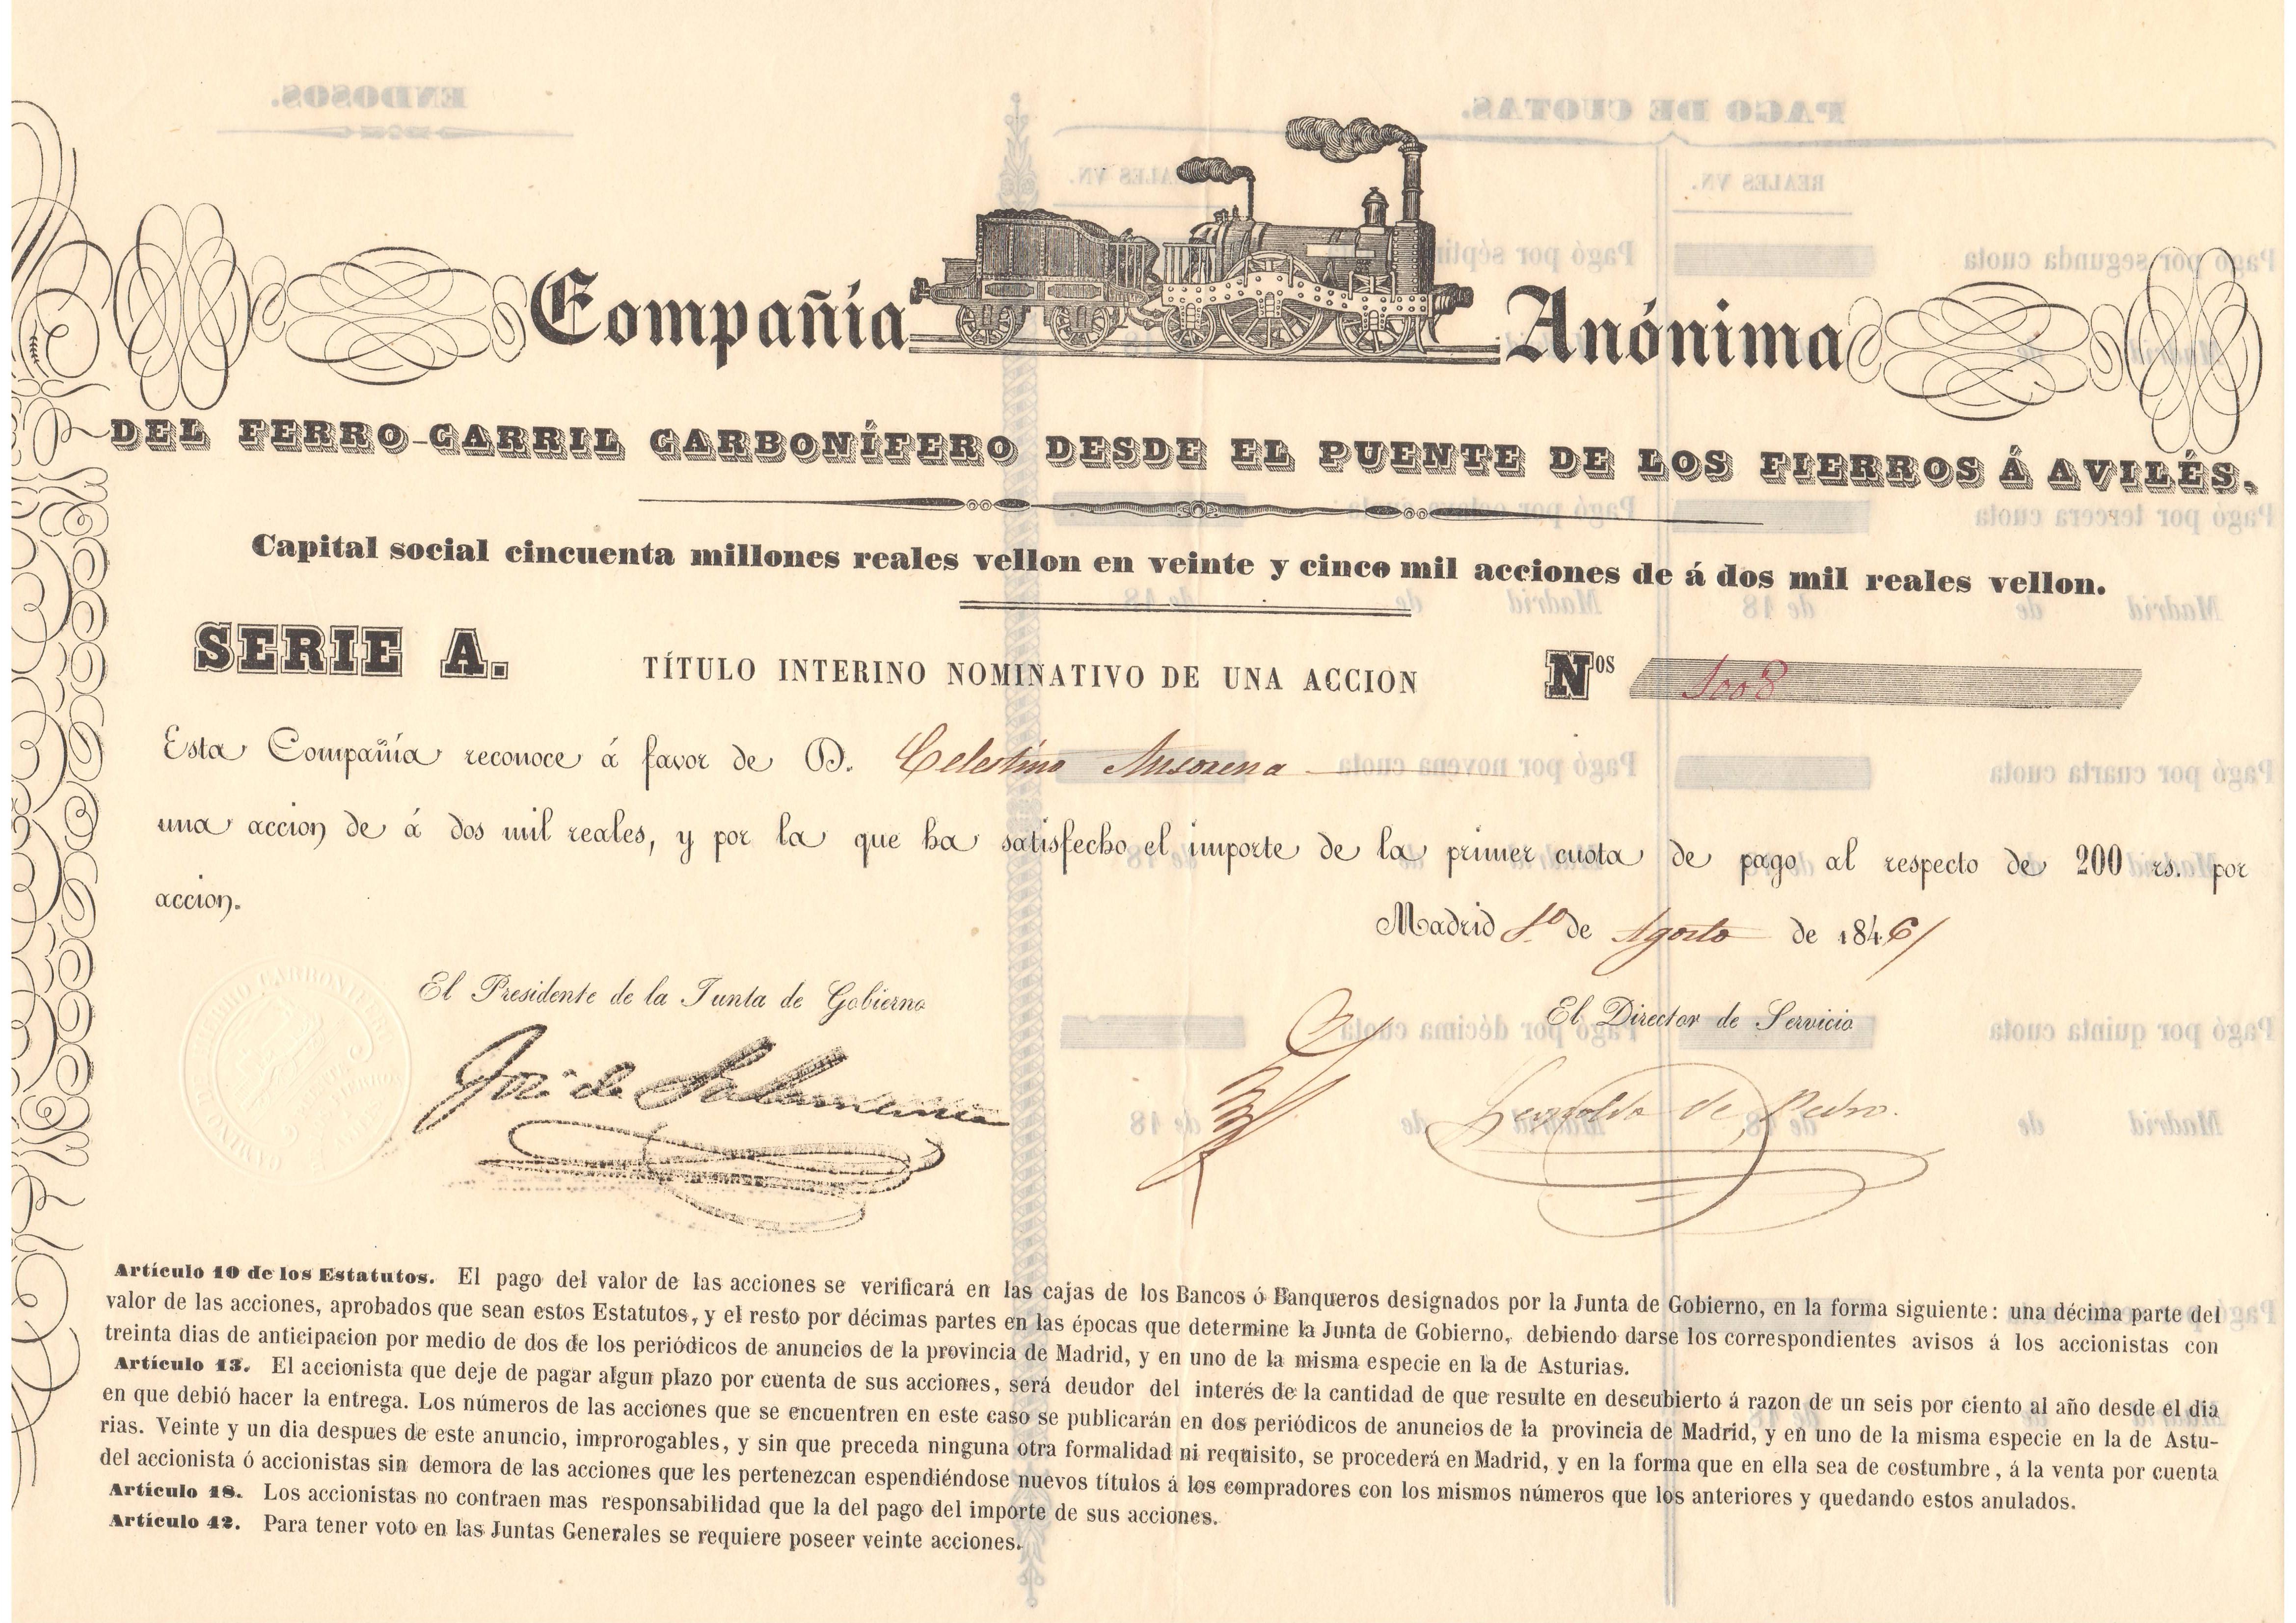 Compañía Anónima del Ferrocarril Carbonífero desde el Puente de Los Fierros a Avilés